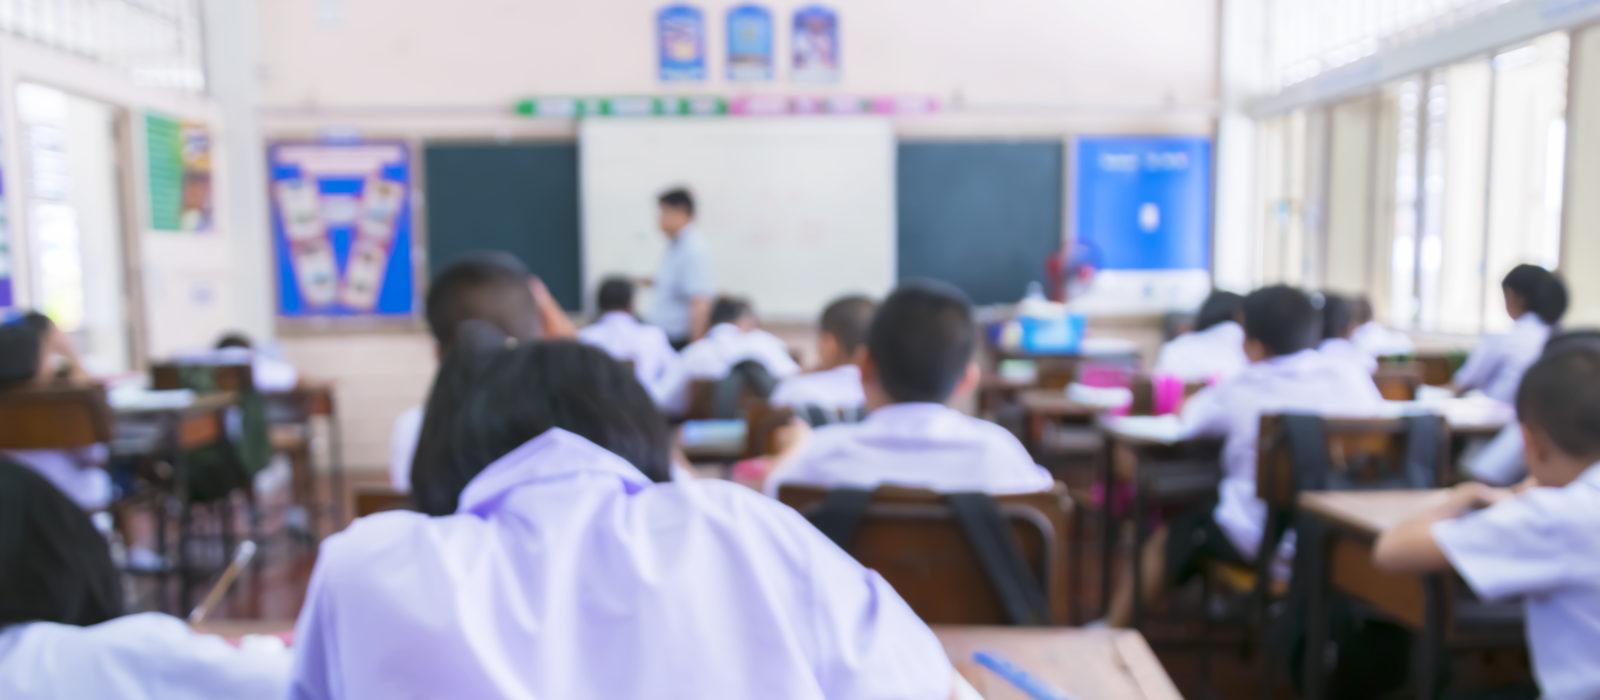 El 30 de agosto se inicia postulación on line al Sistema de Admisión Escolar